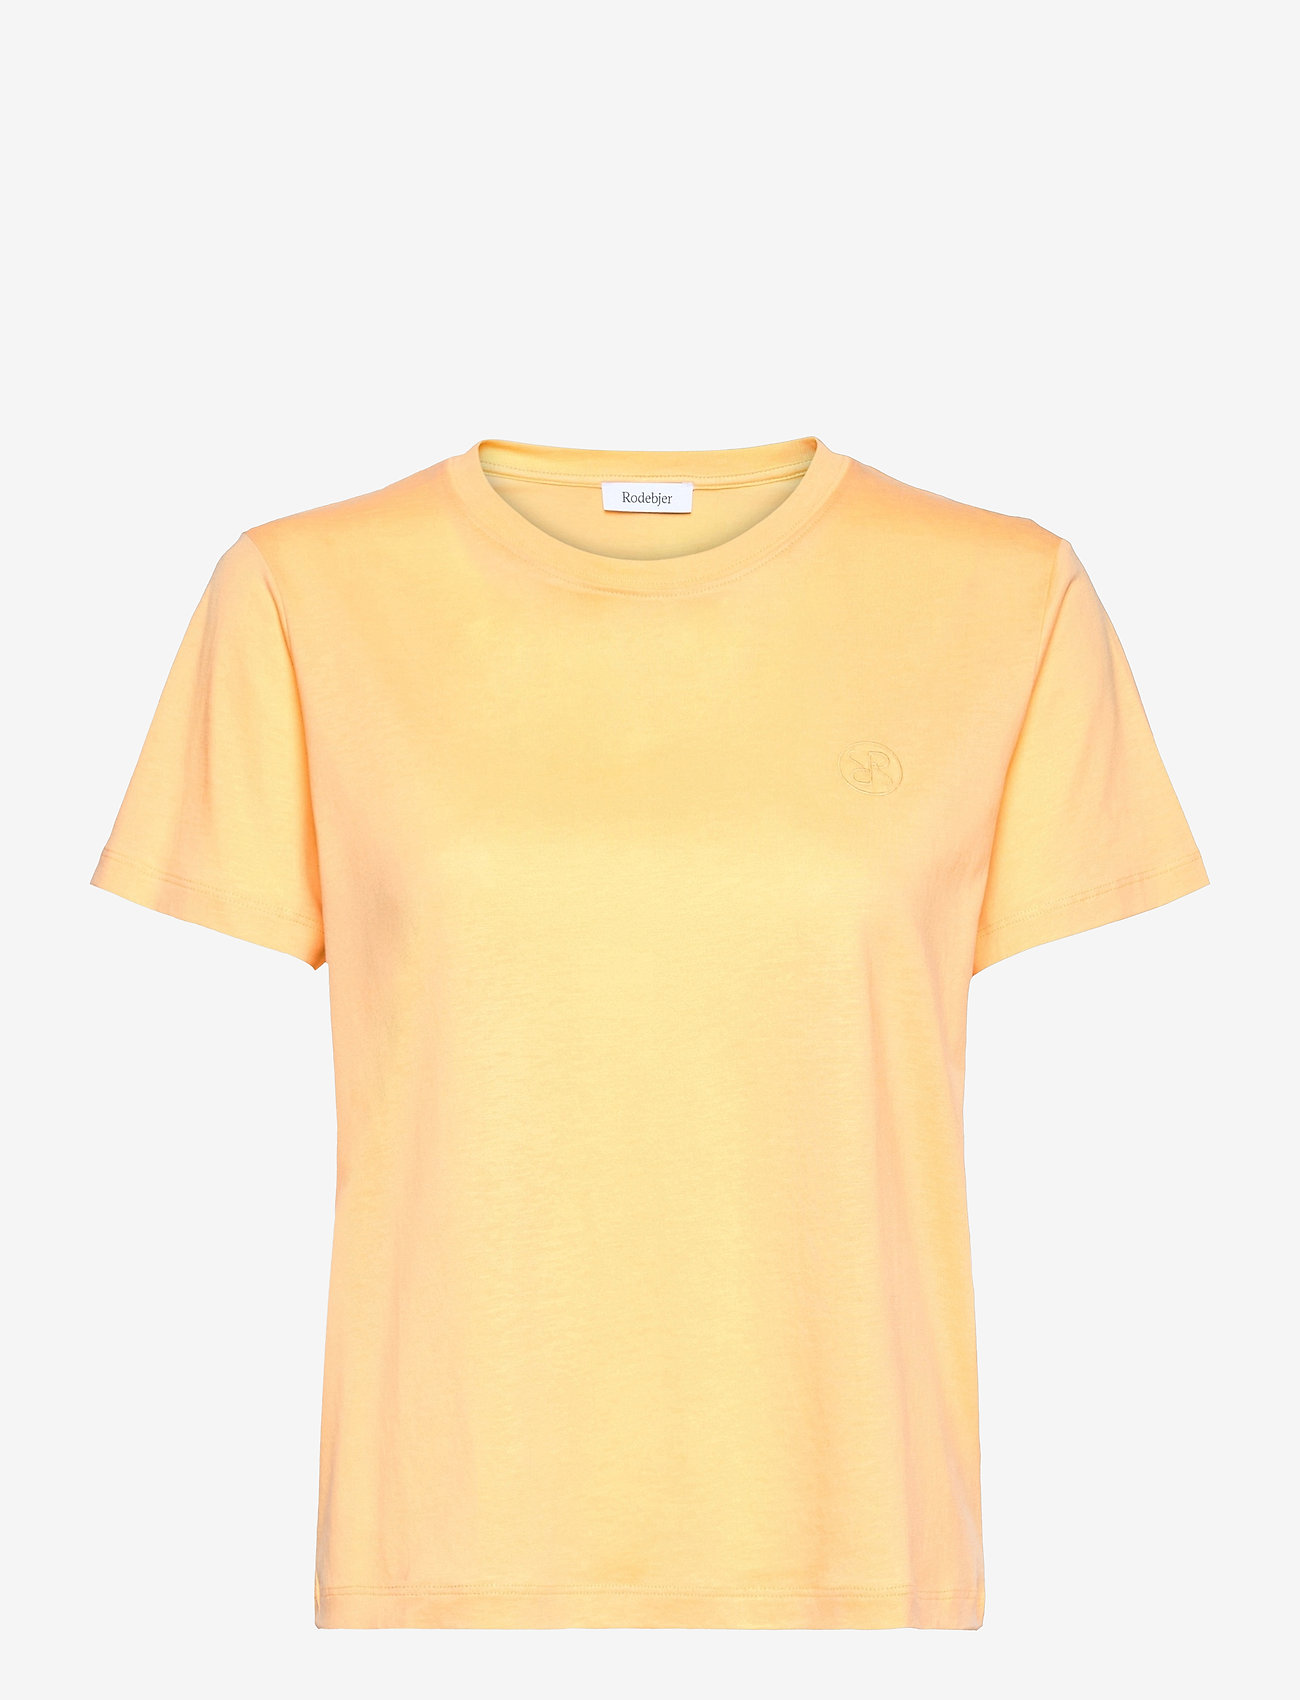 RODEBJER - RODEBJER NINJA LOGO - t-shirts - faded sun - 0